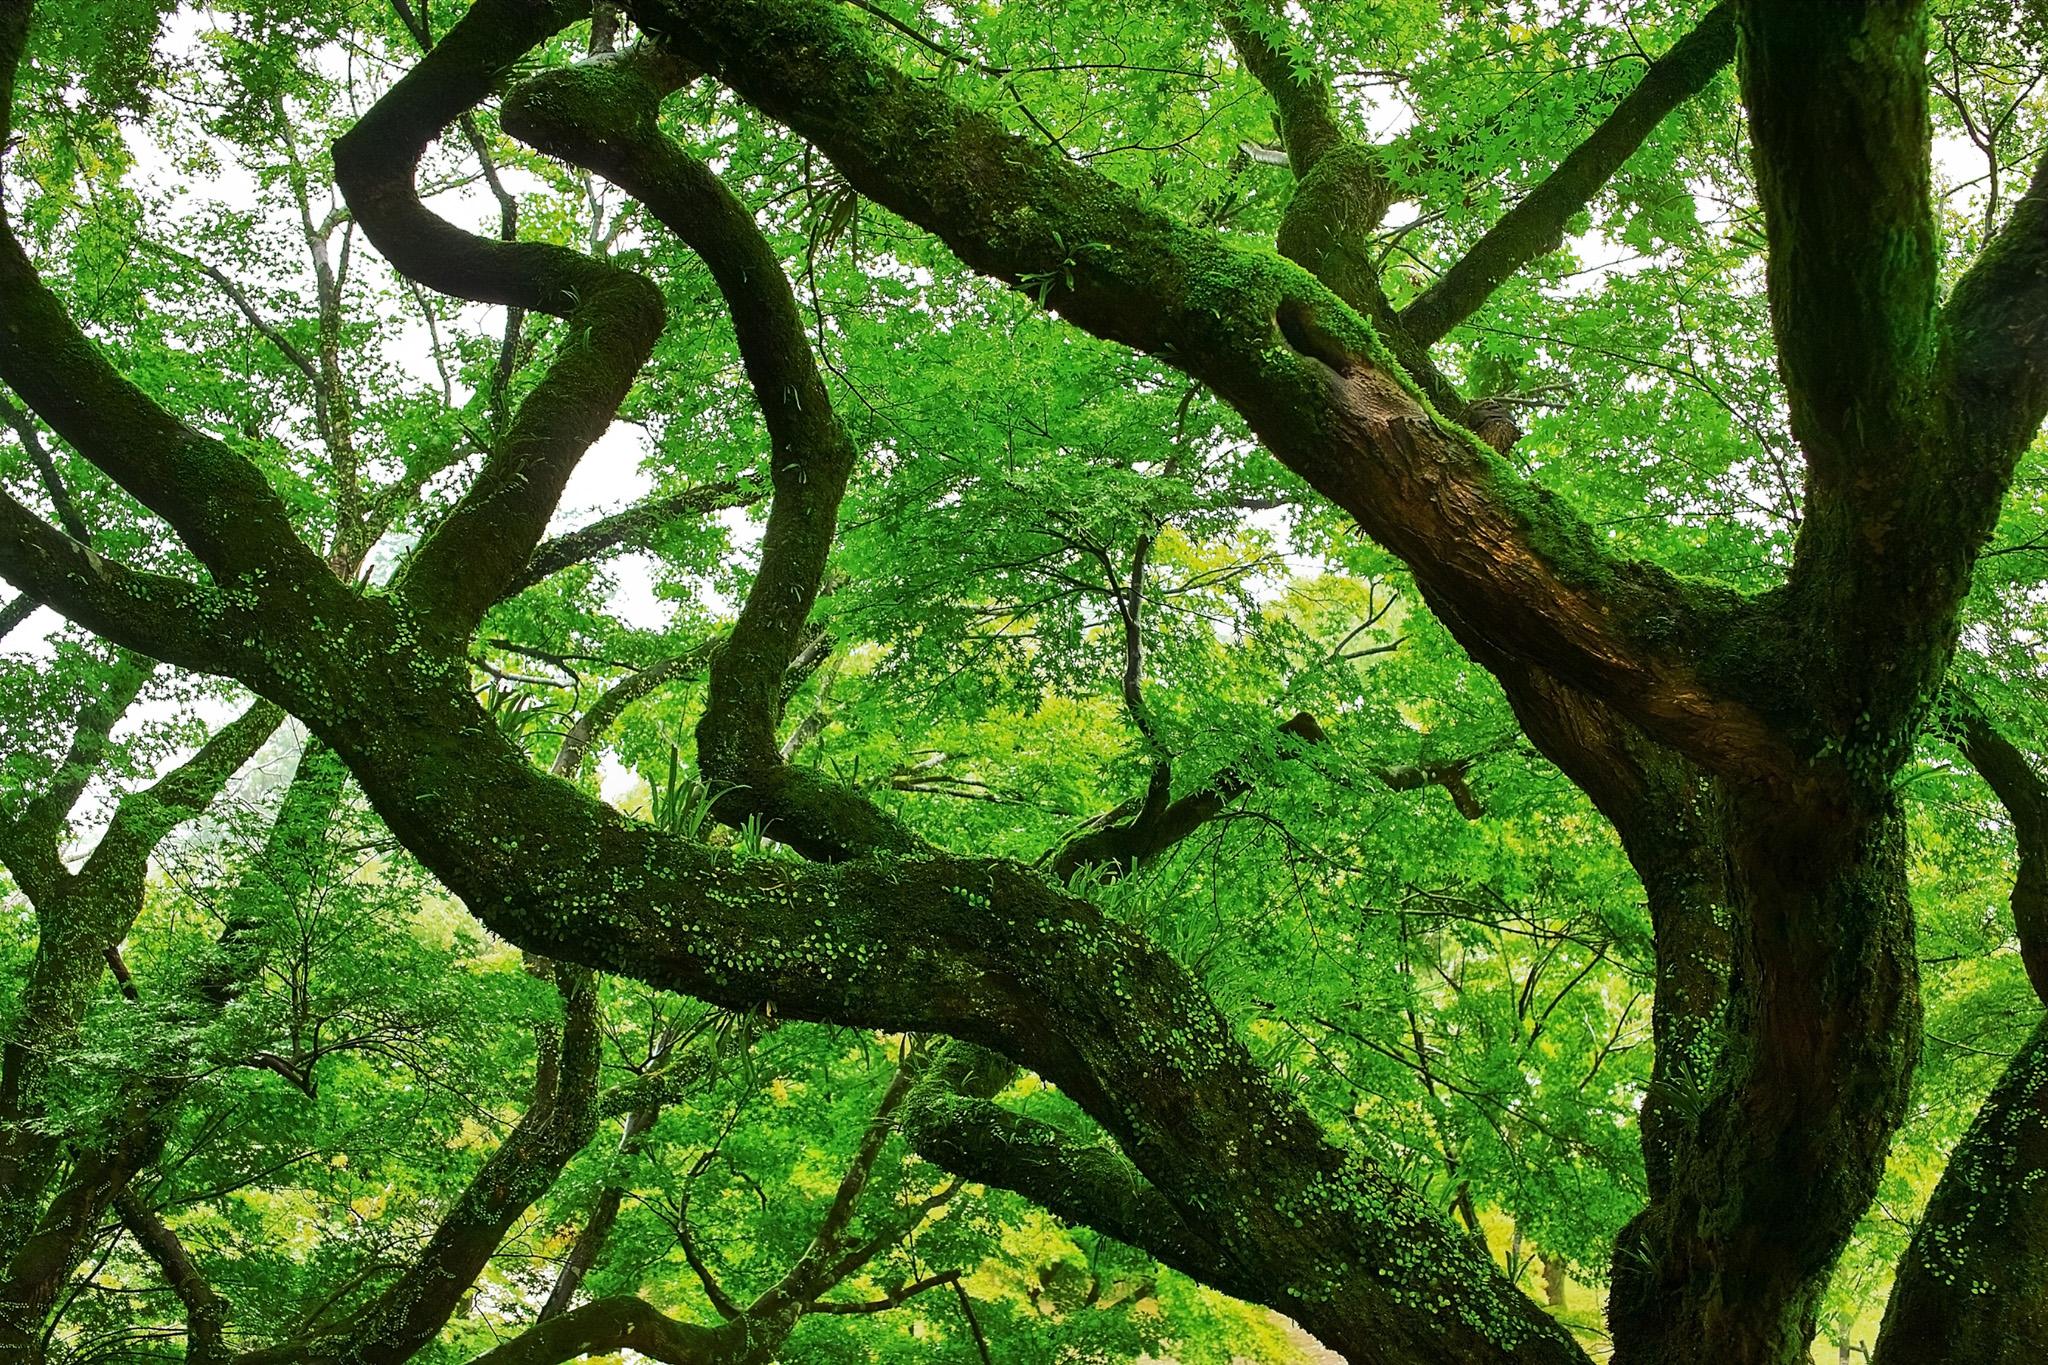 「苔を纏う大きな幹の木」の素材を無料ダウンロード